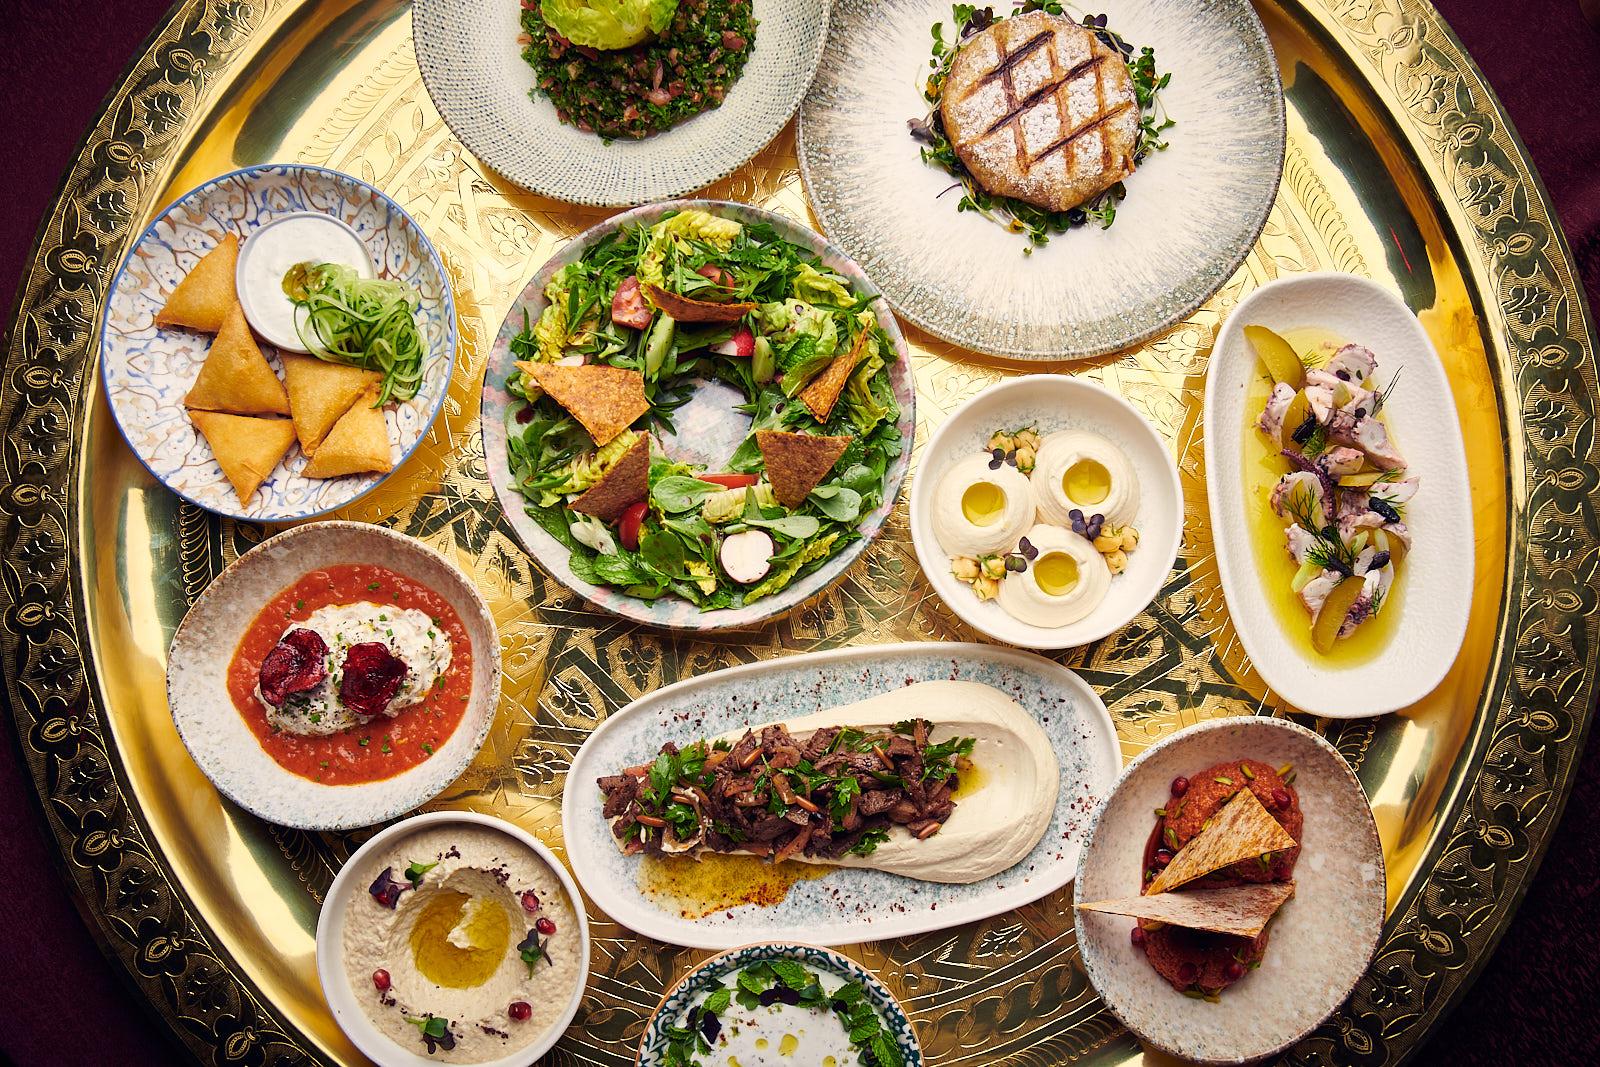 وجبة مميّزة في العيد بمطعم أصيل ريكسوس بريميوم